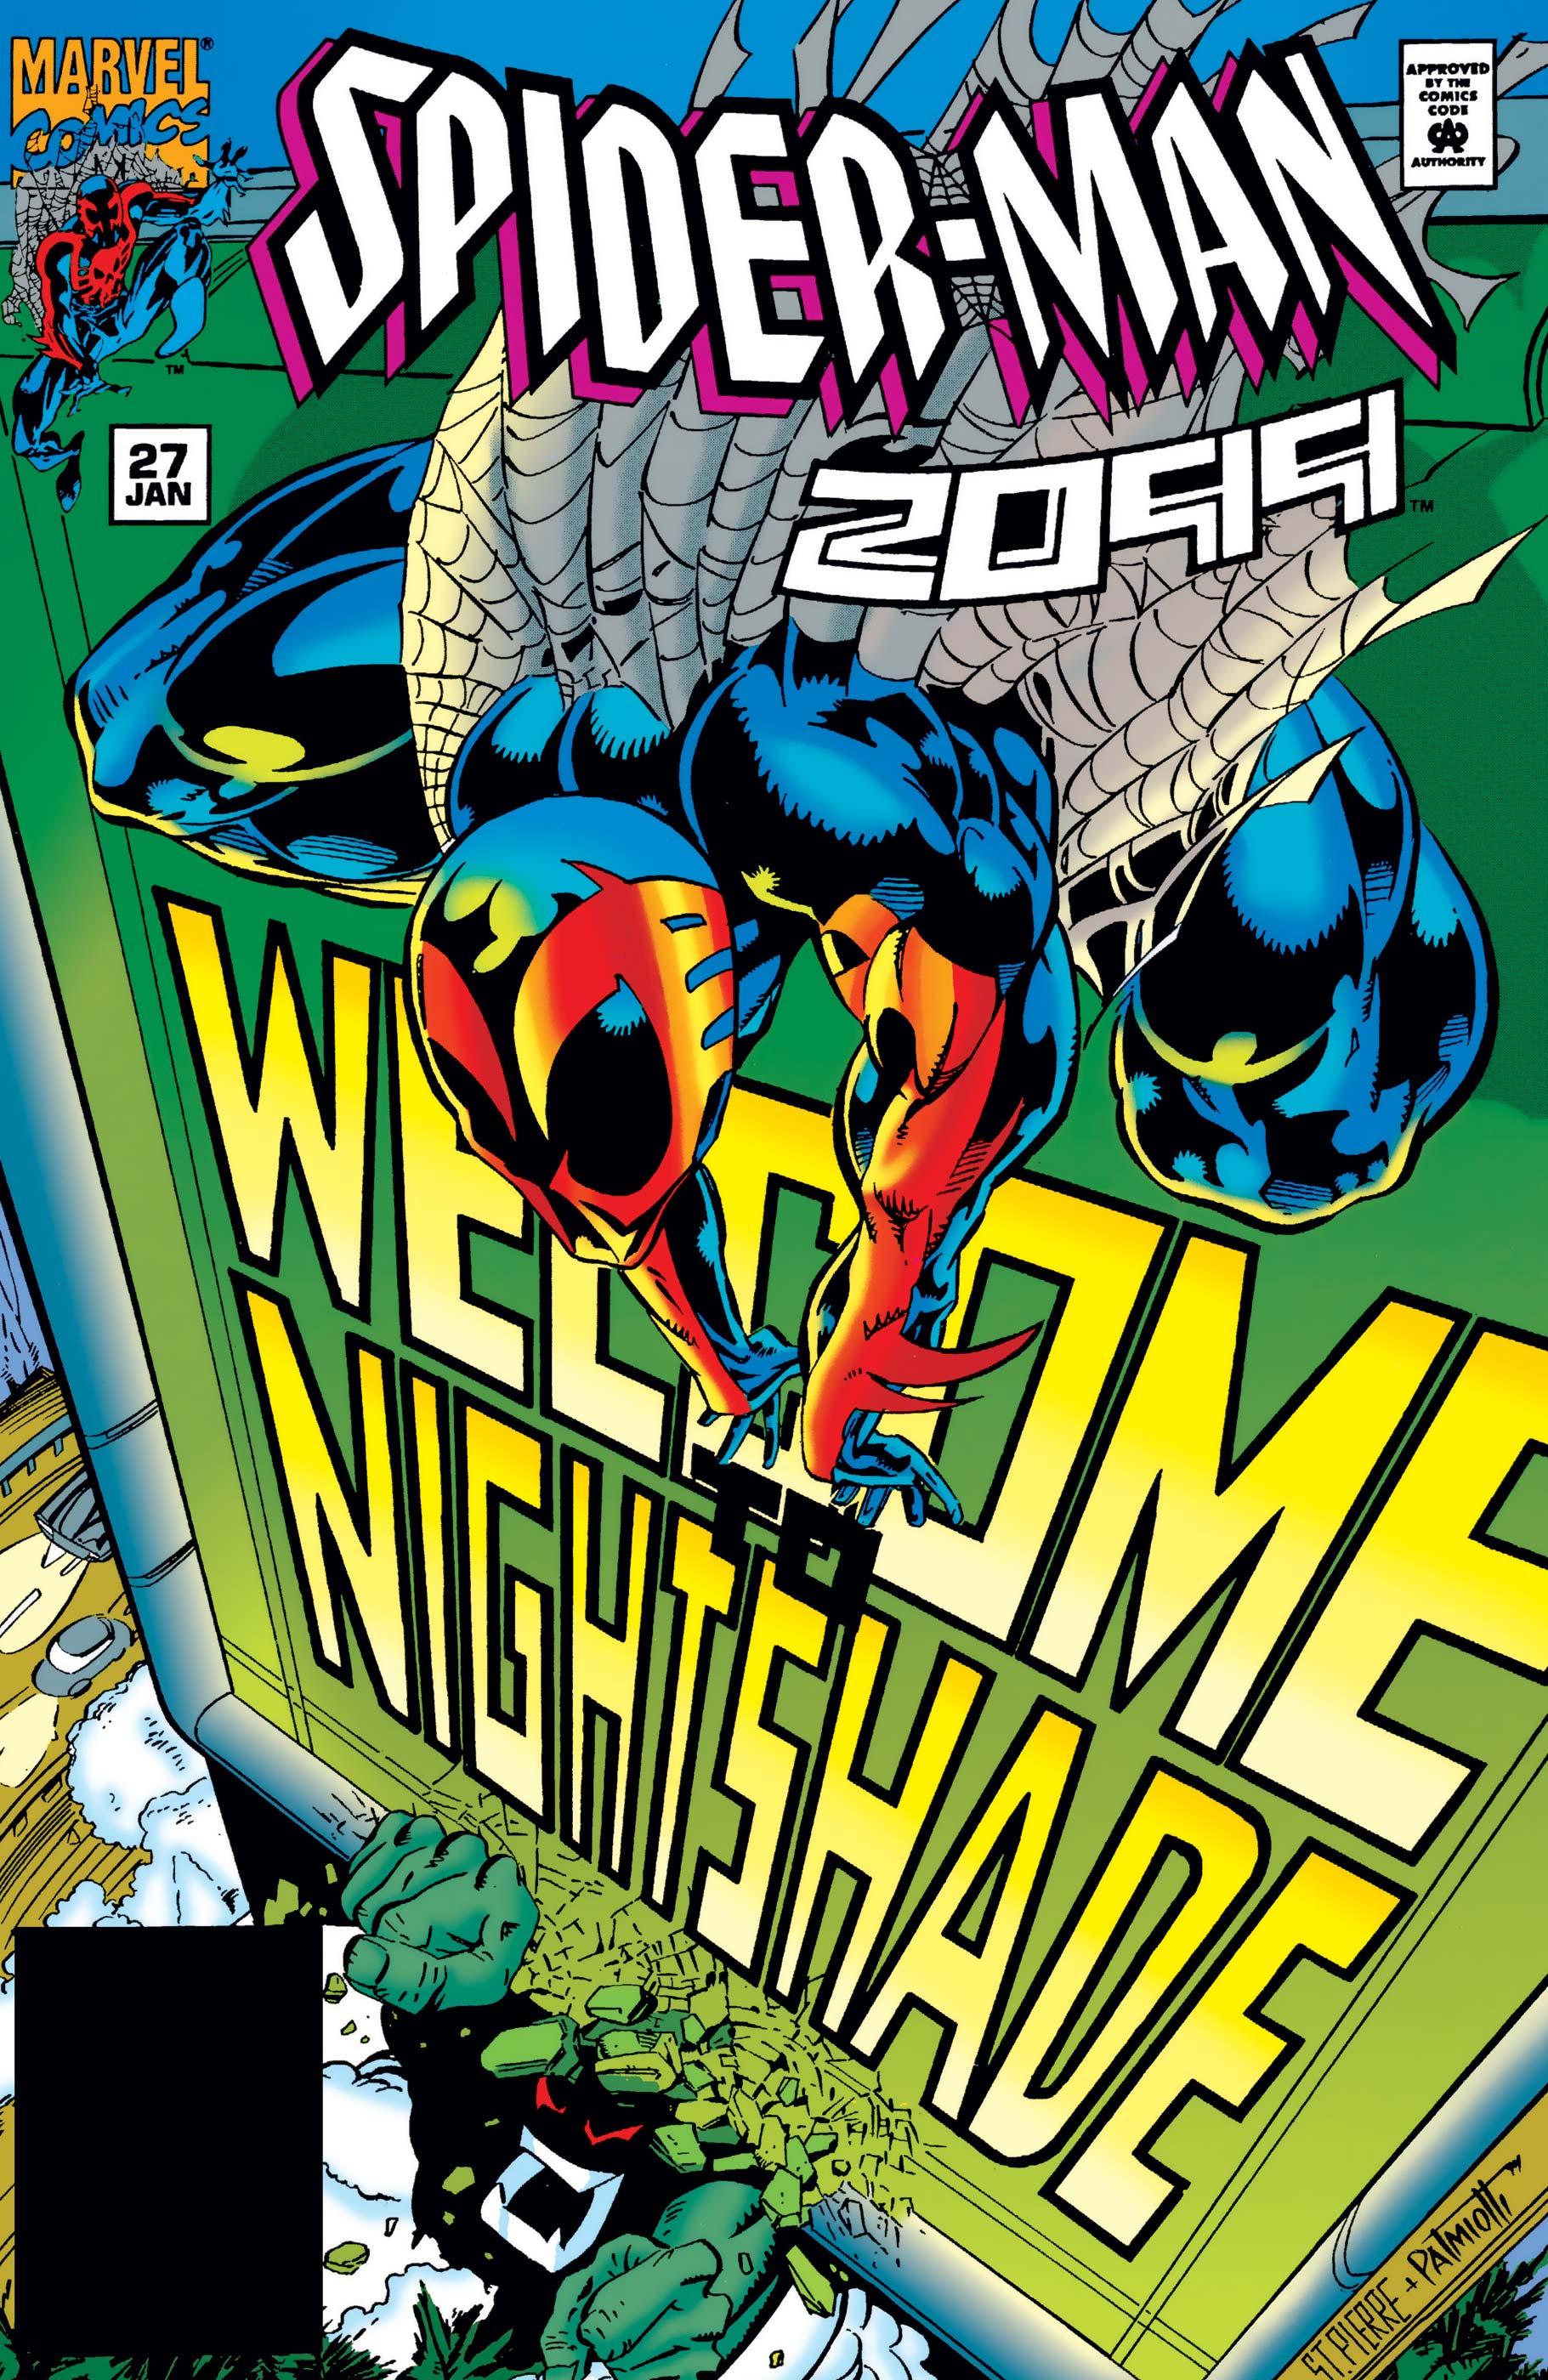 Spider-Man 2099 (1992) #27